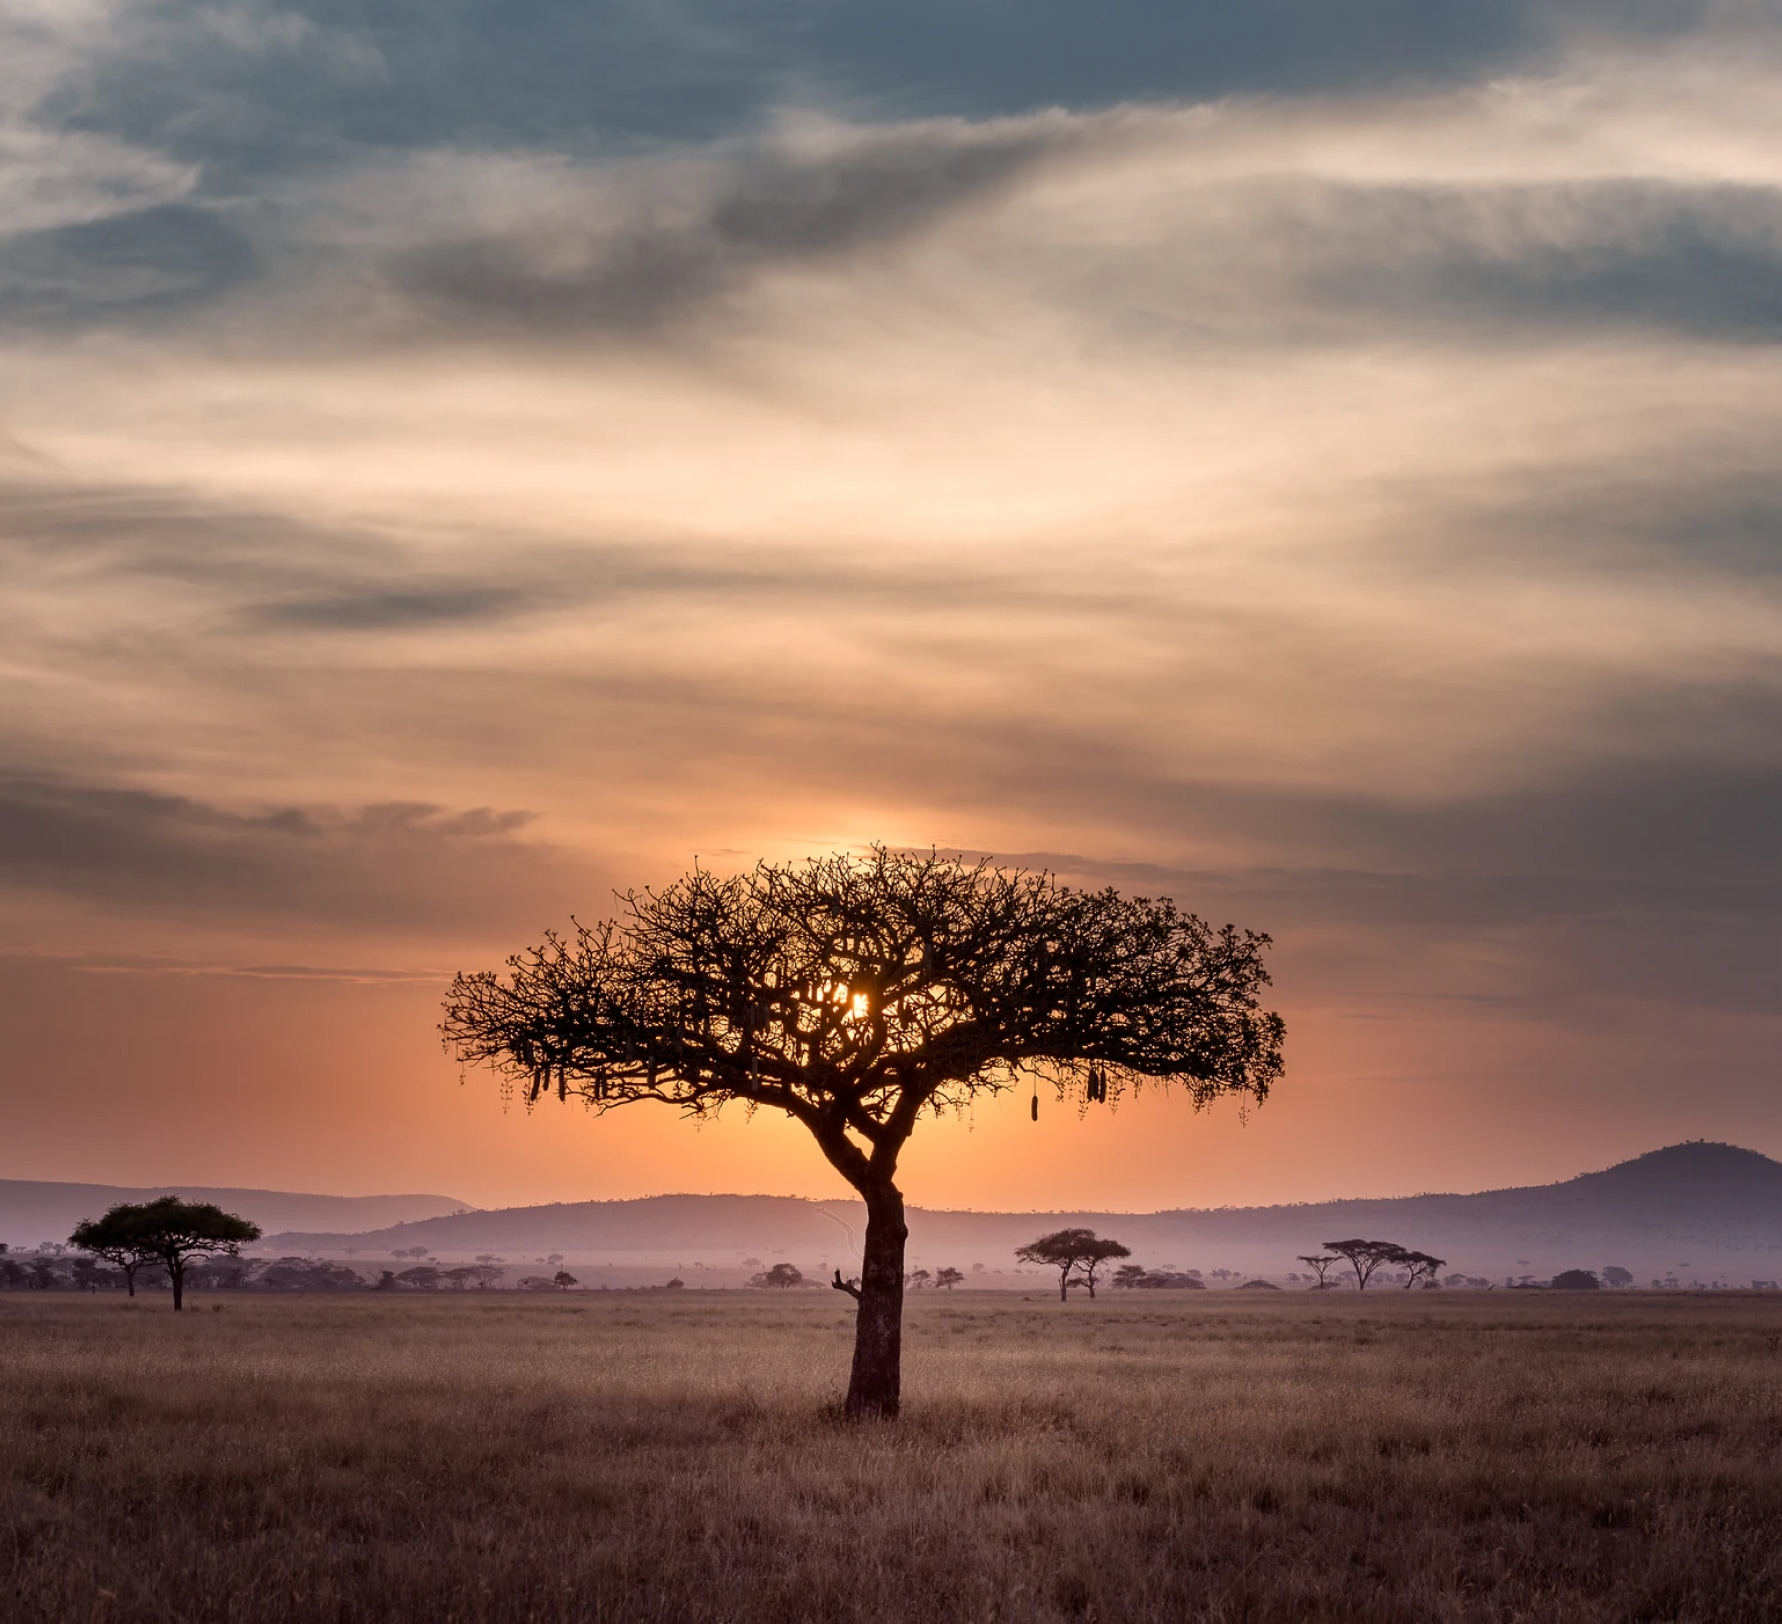 Tree in a plain.